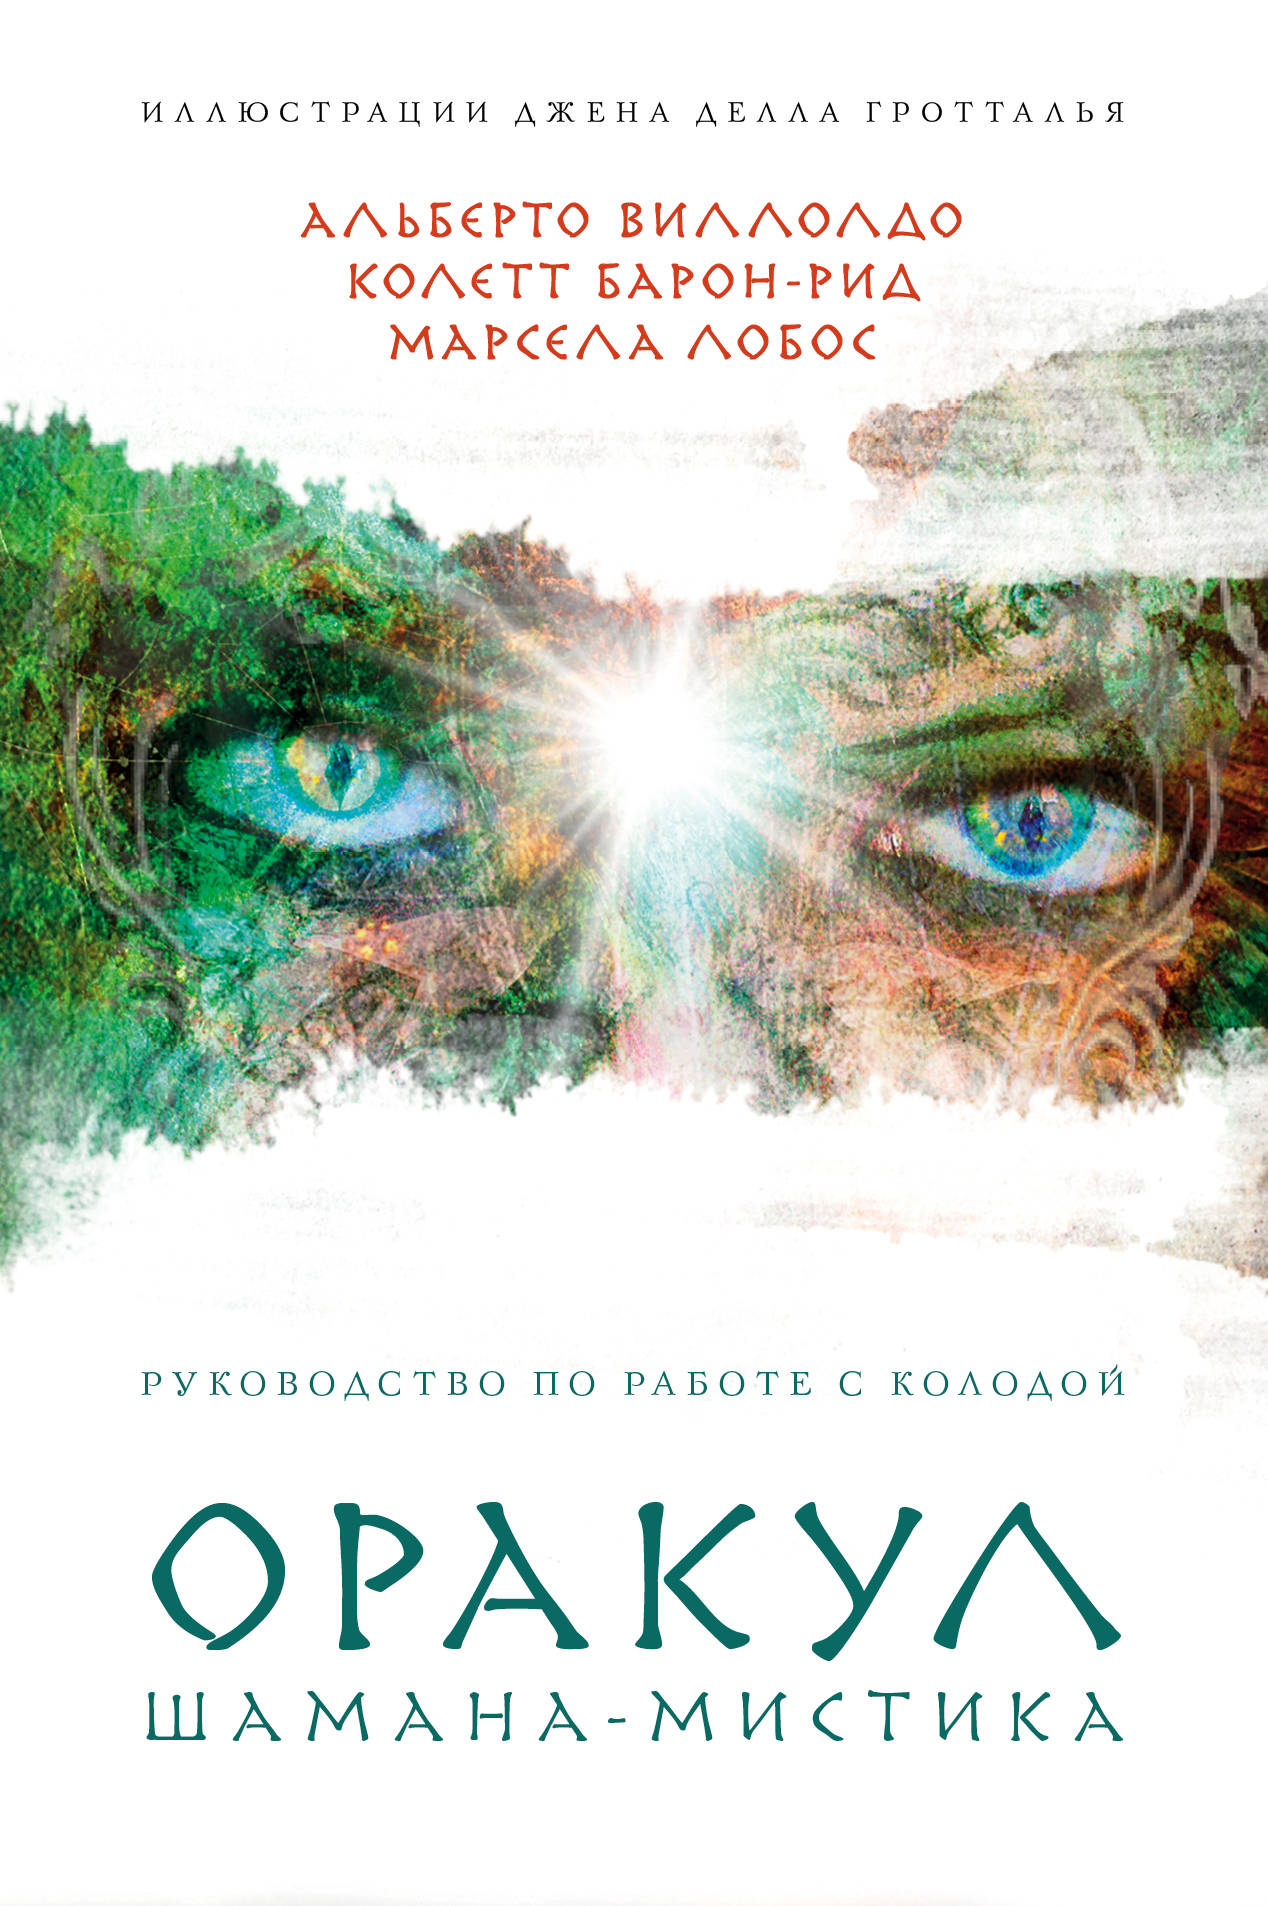 Оракул Шамана-мистика (64 карты и руководство для гадания в подарочном футляре)